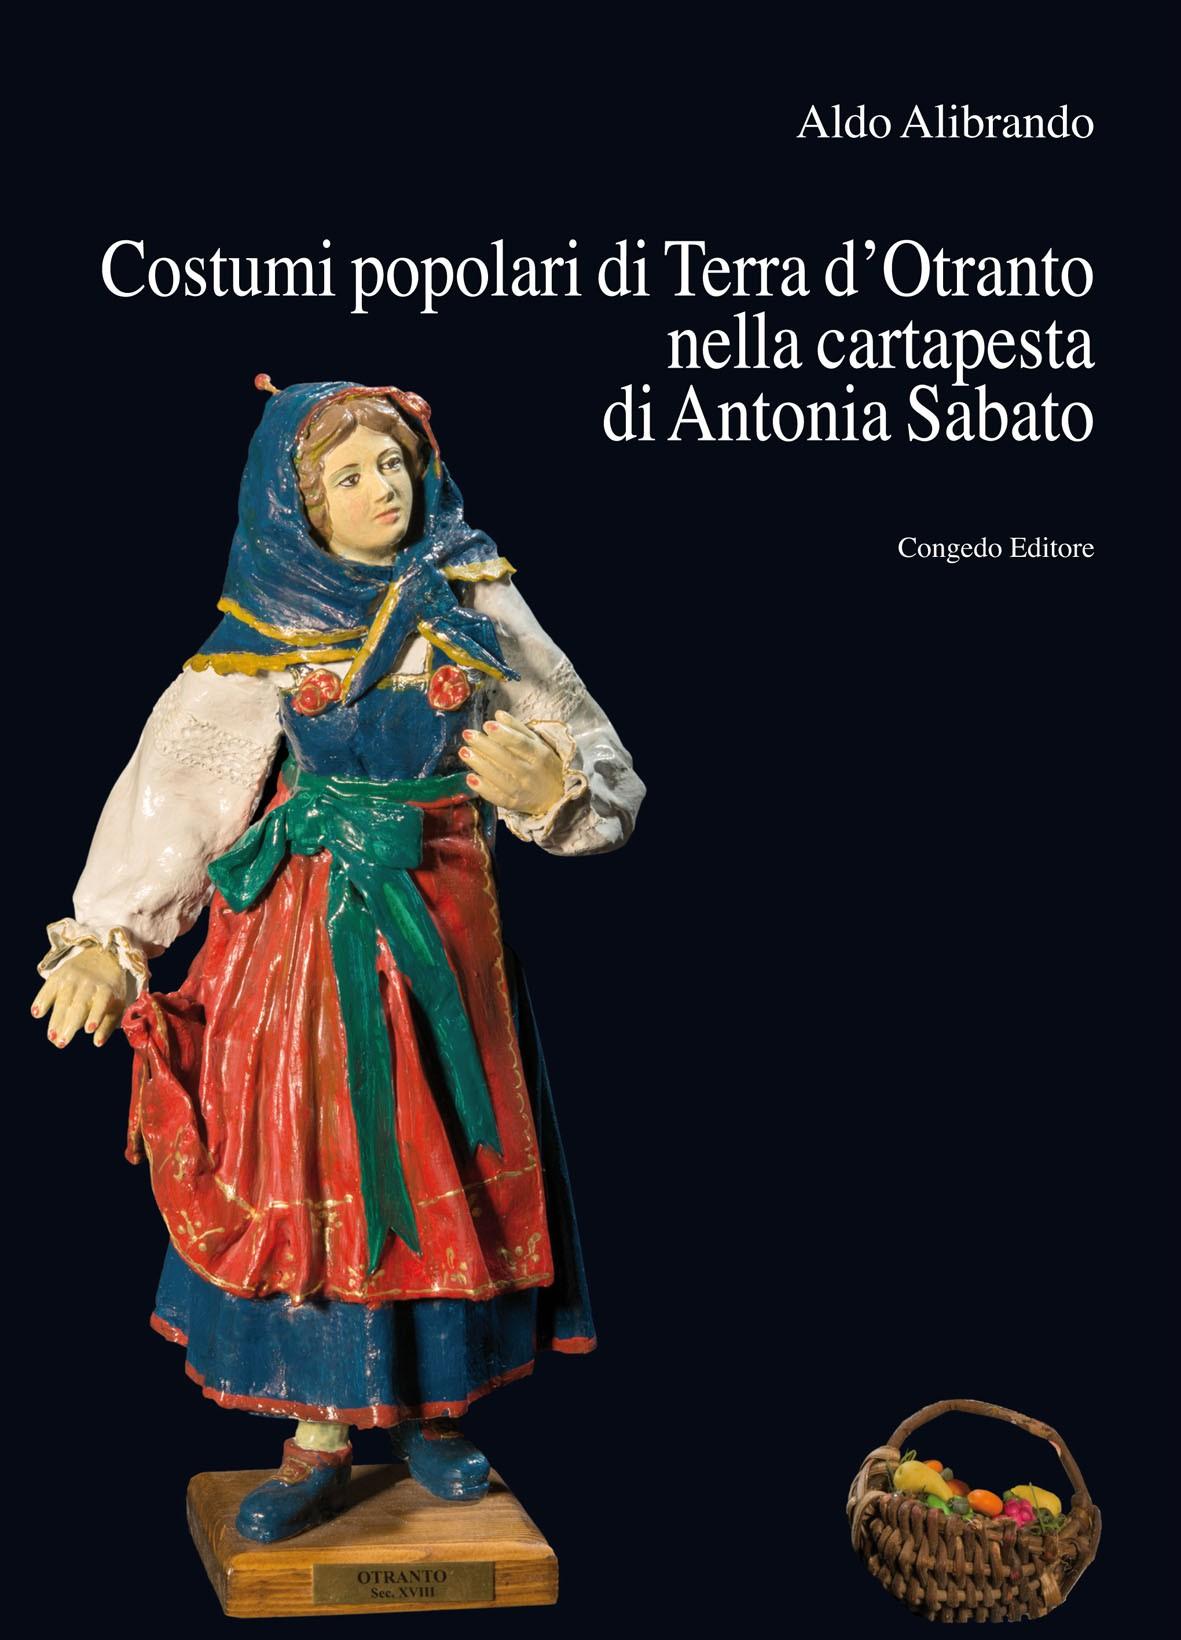 Costumi popolari di Terra d'Otranto nella cartapesta di Antonia Sabato